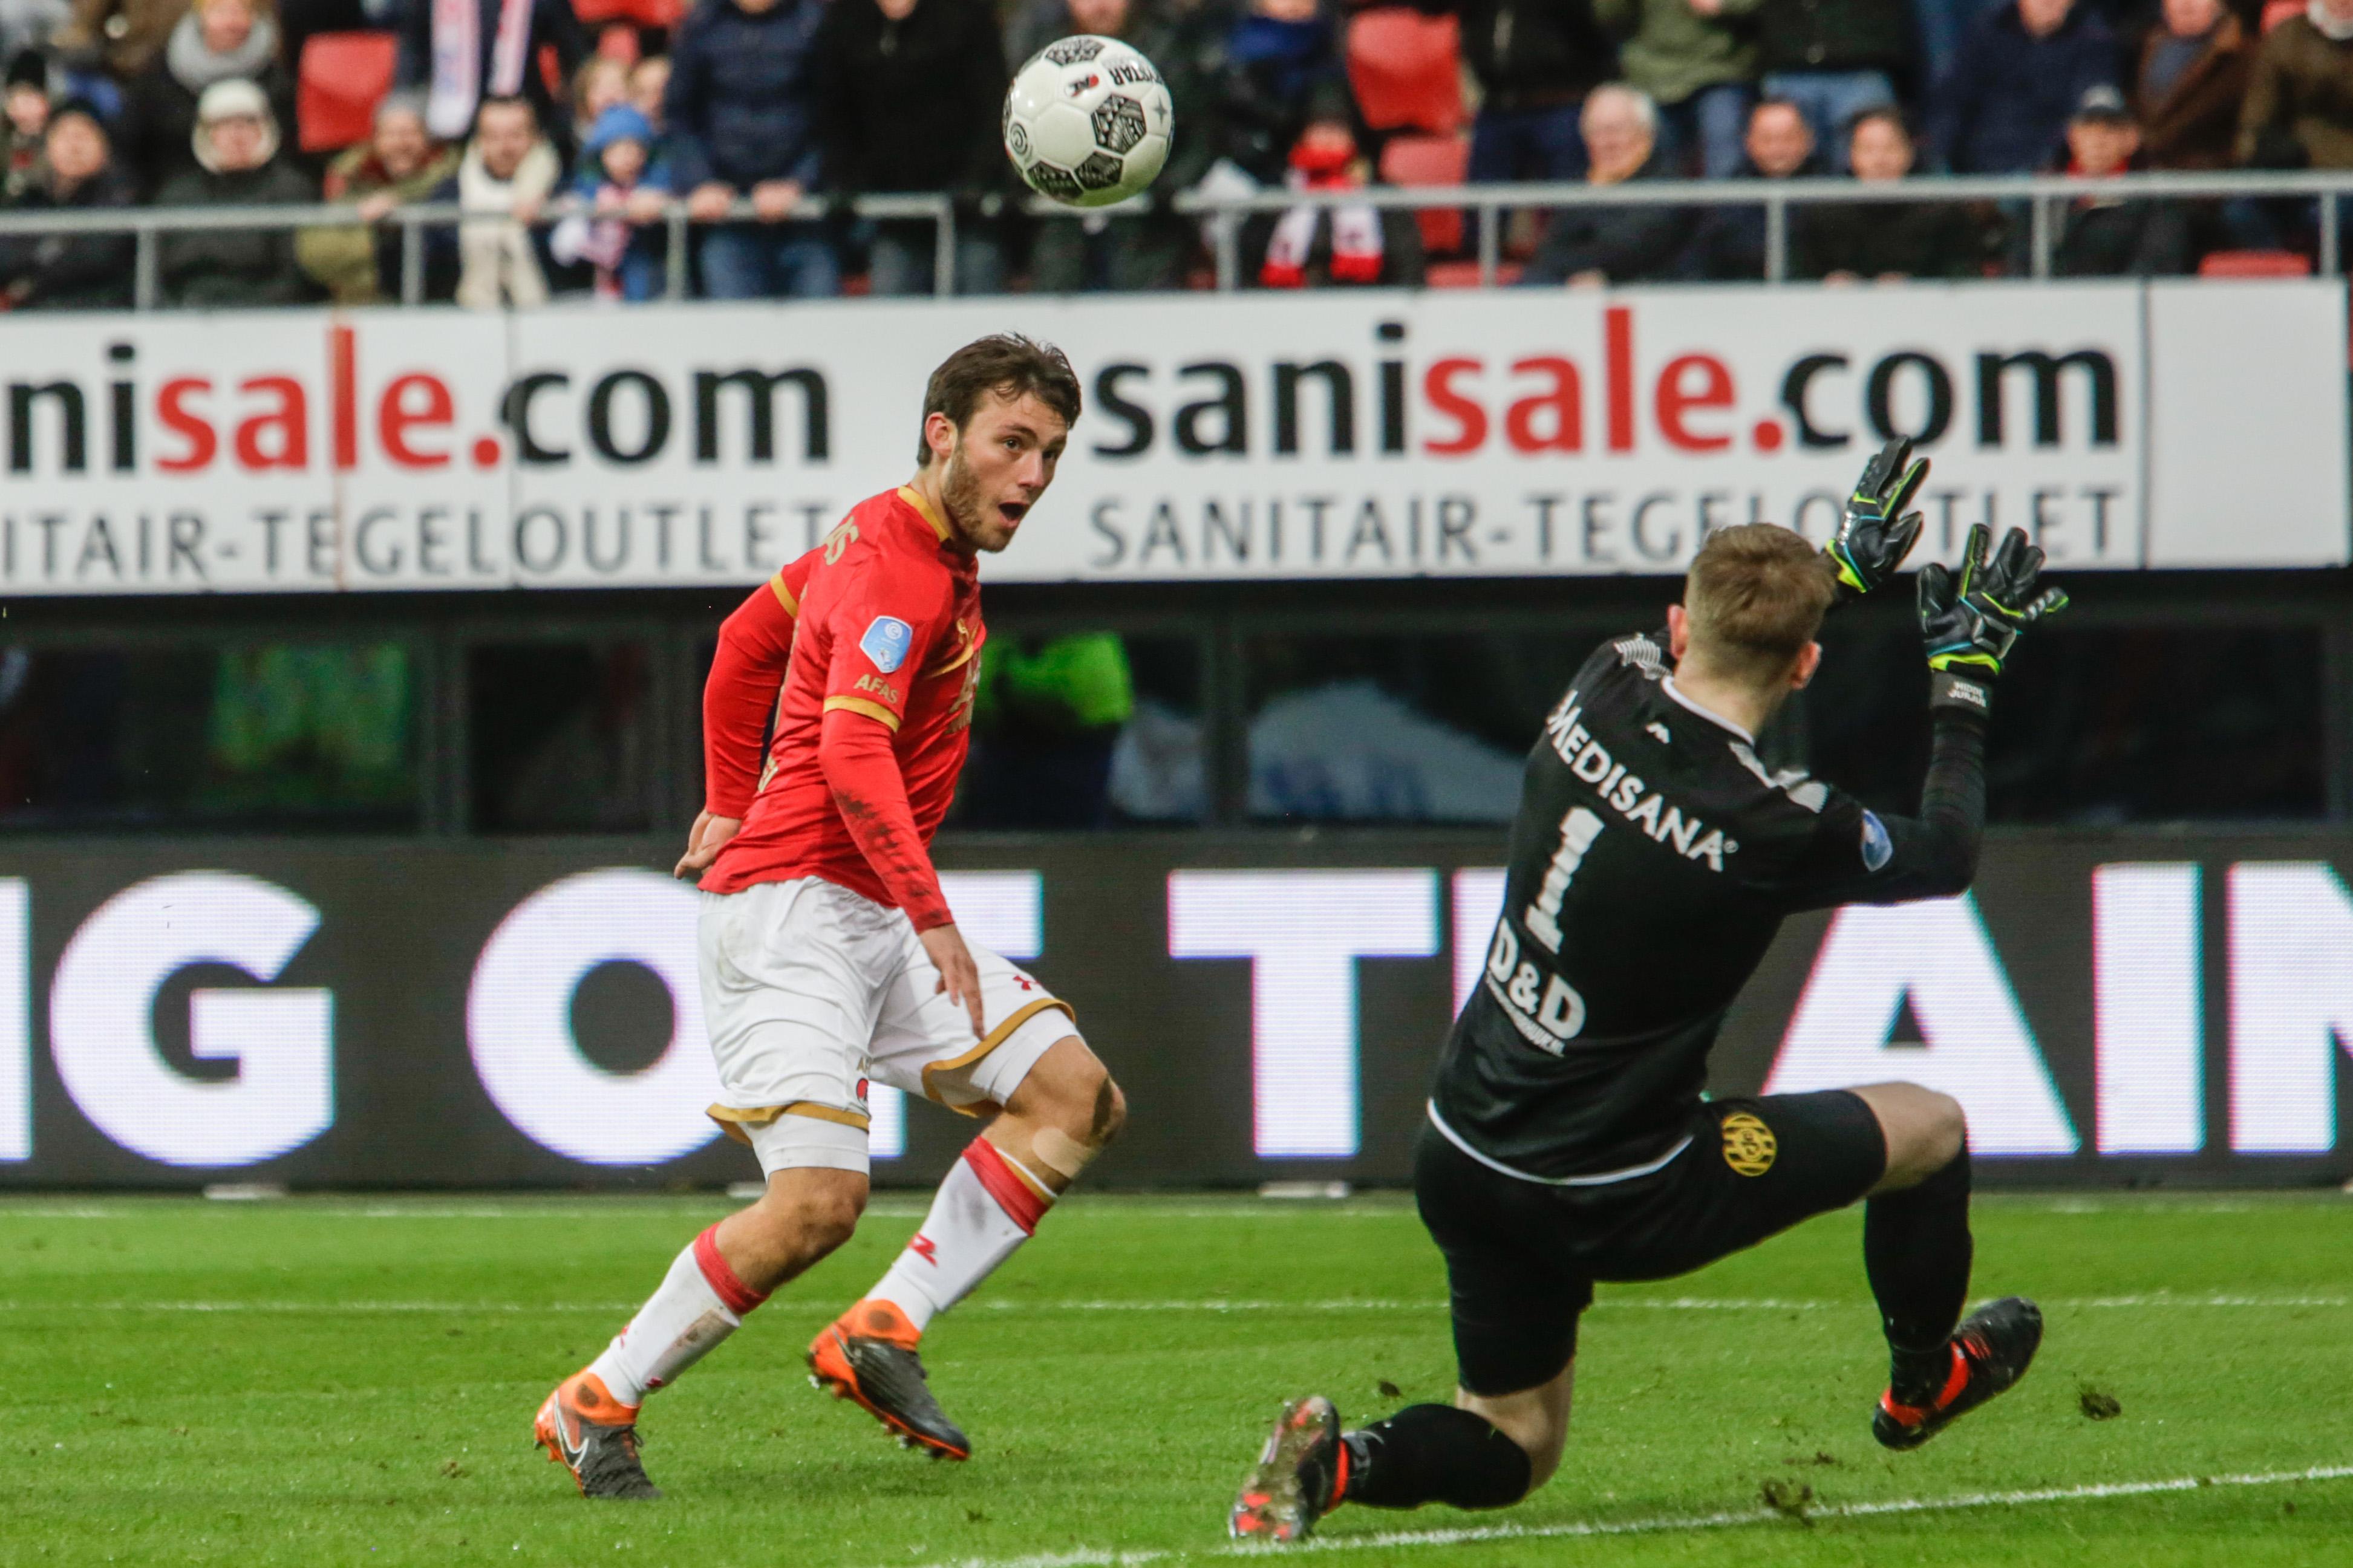 Stiftje van Overeem mist het doel net voor de 3-2. (Foto: Vincent de Vries/RM)